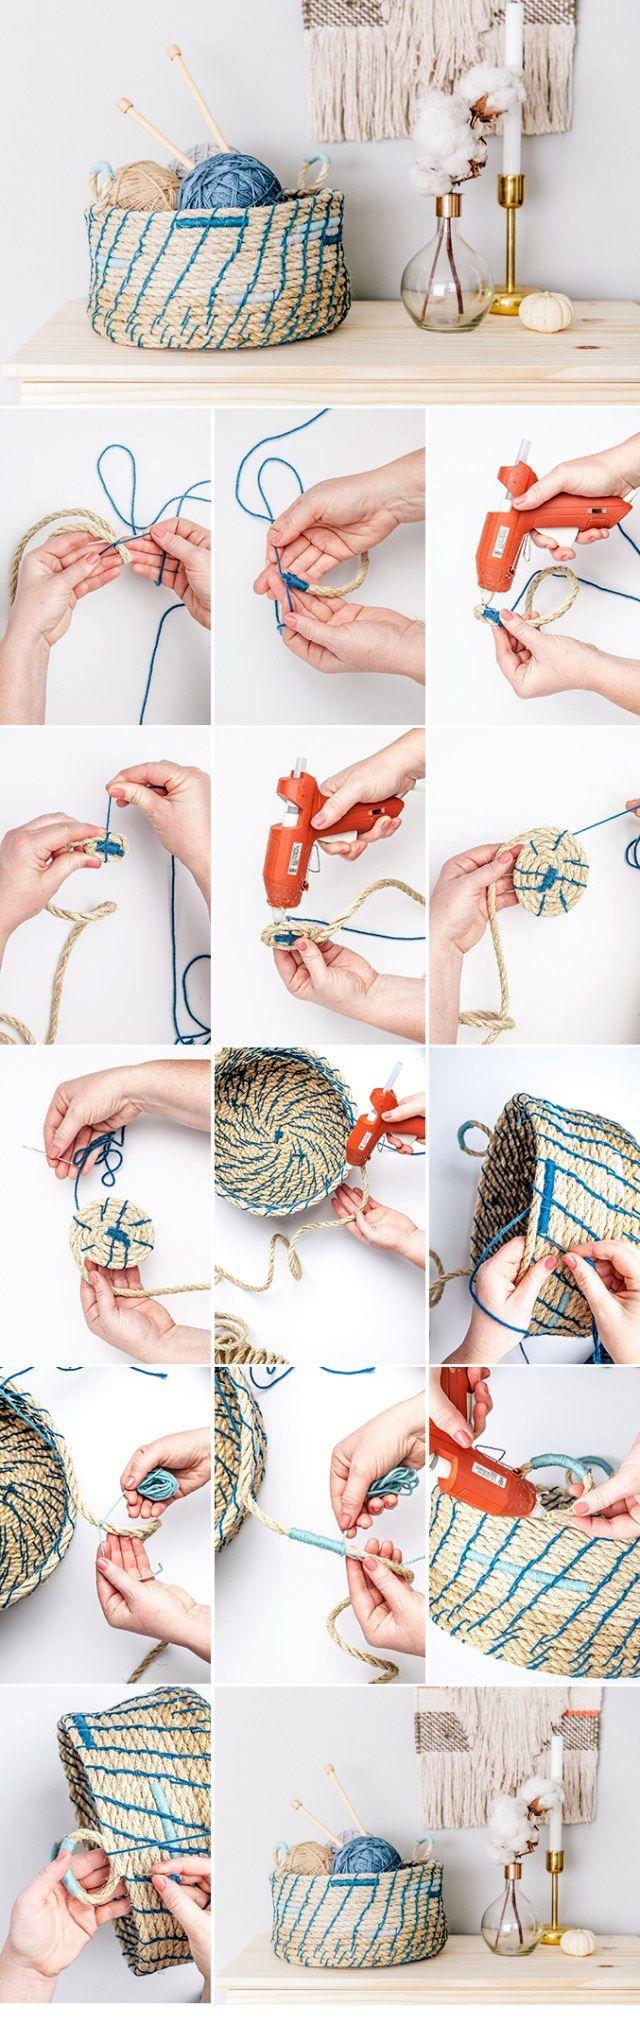 -класс-корзина-из-веревки-своими-руками Корзина для белья своими руками, варианты используемых материалов